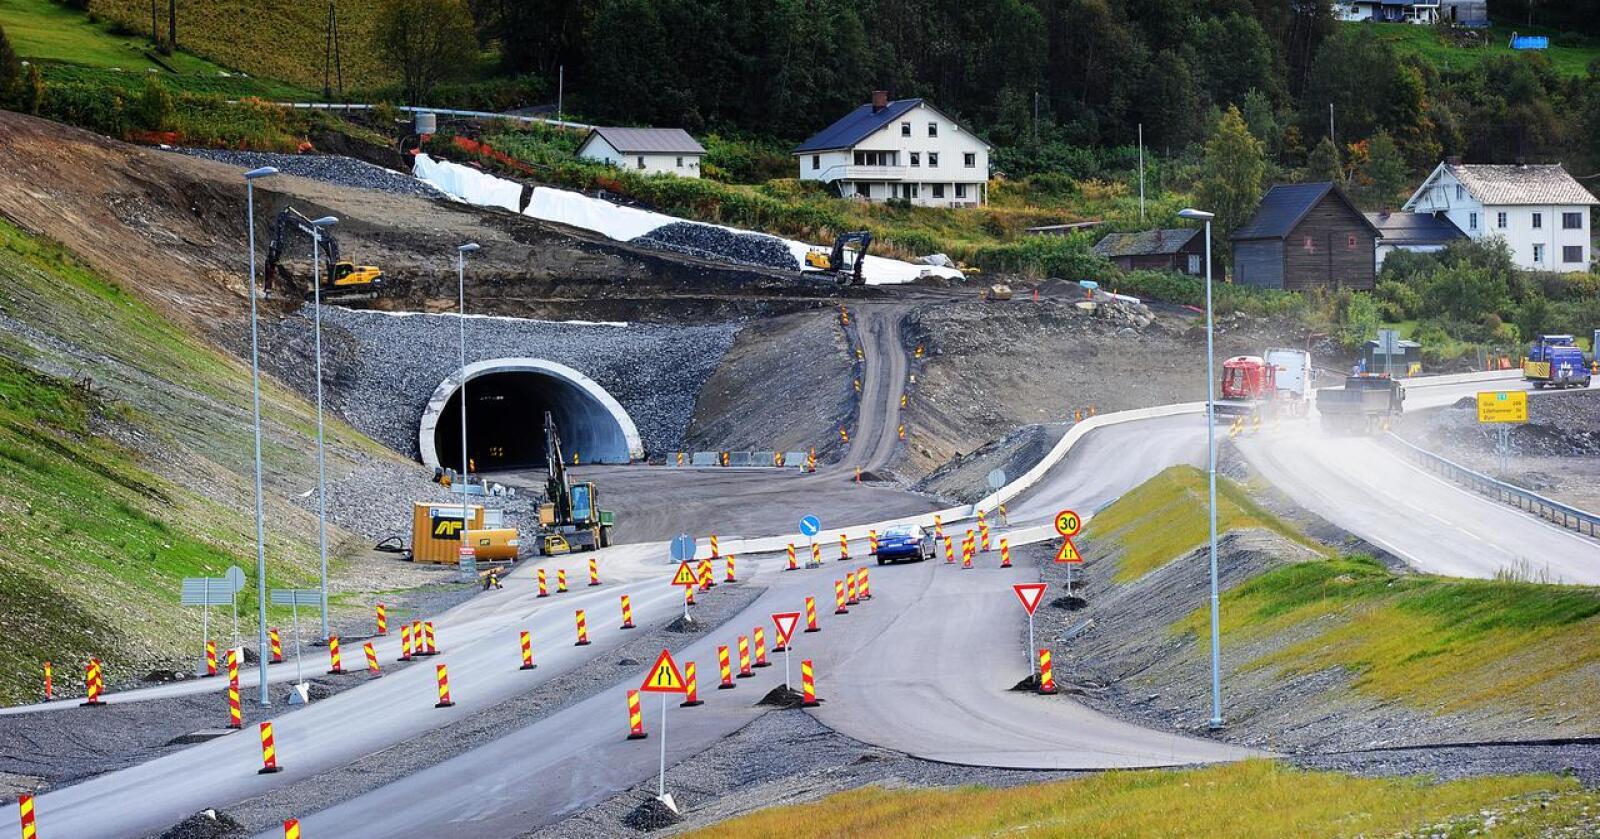 Bygging løser ikke alt: Vi må ta ned transportmengden. Foto: Siri Juell Rasmussen